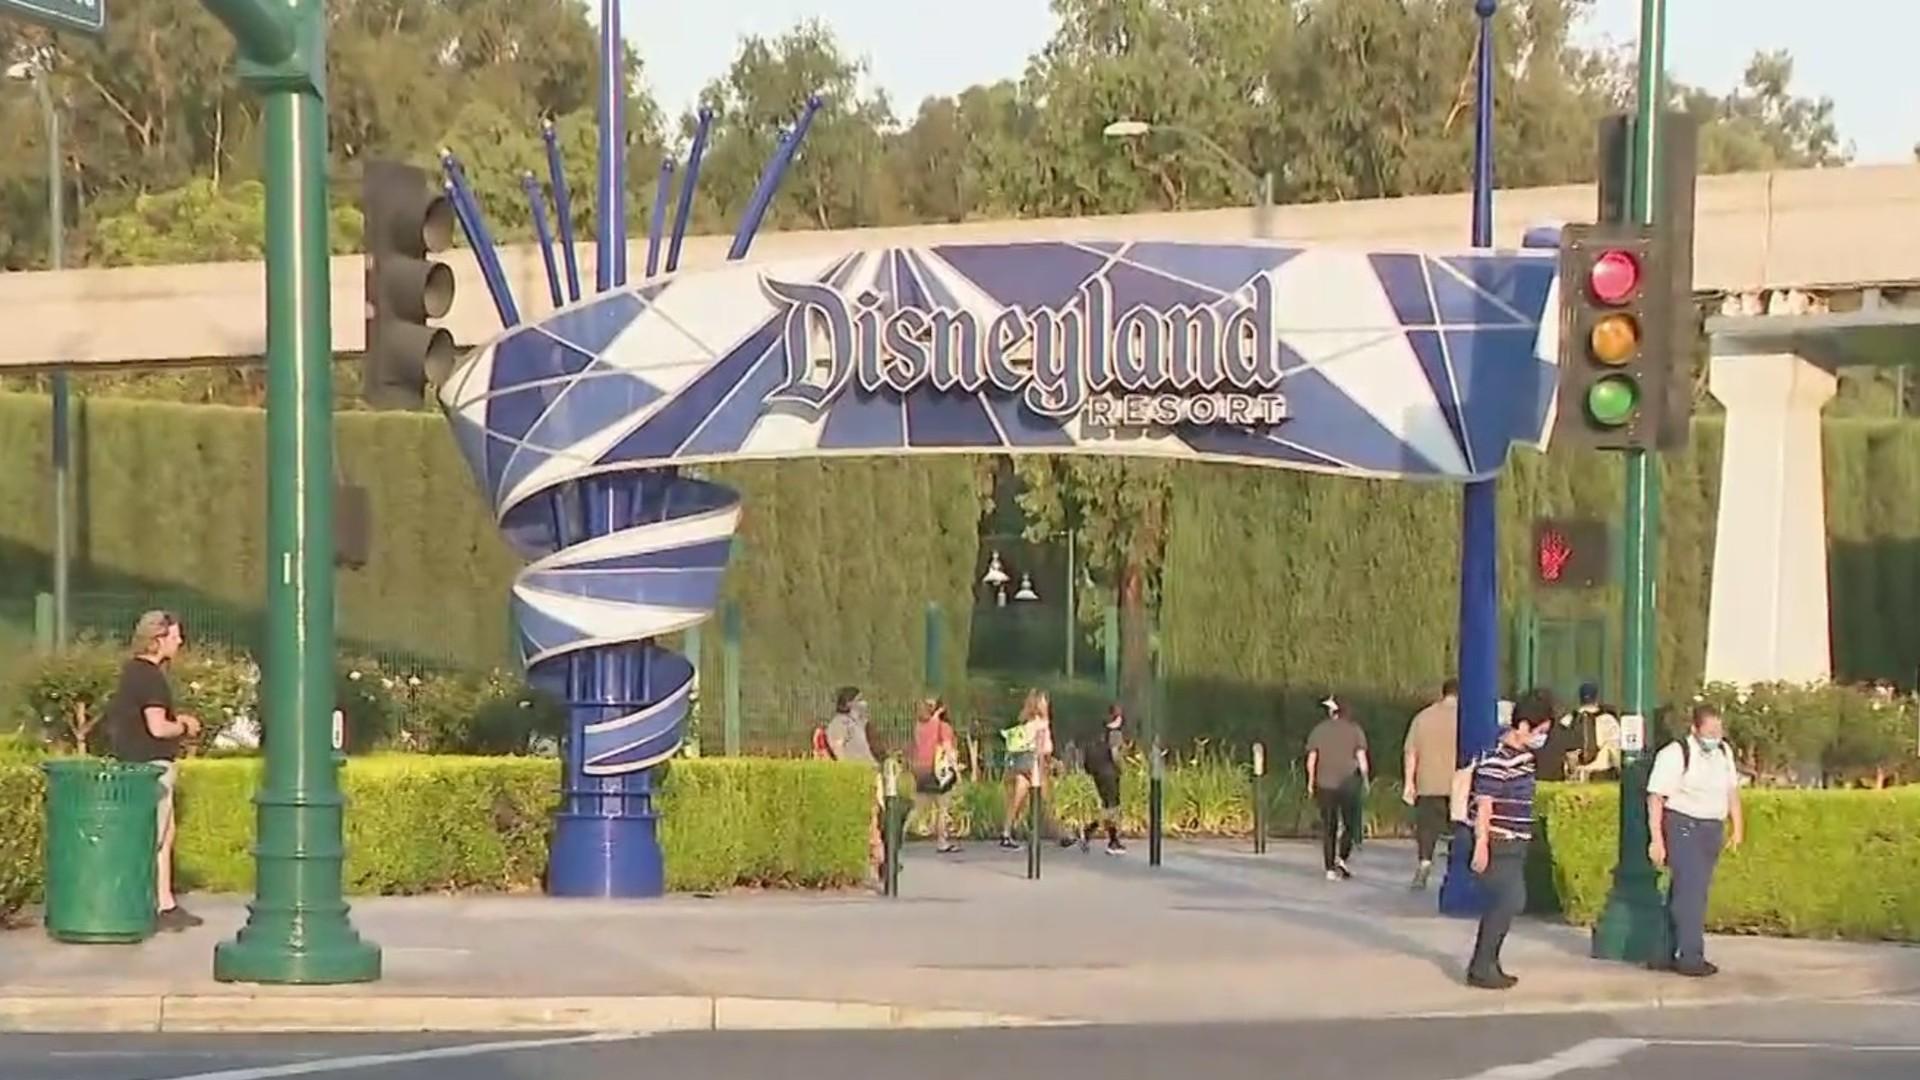 People are seen walking to Disneyland on June 15, 2021. (KTLA)